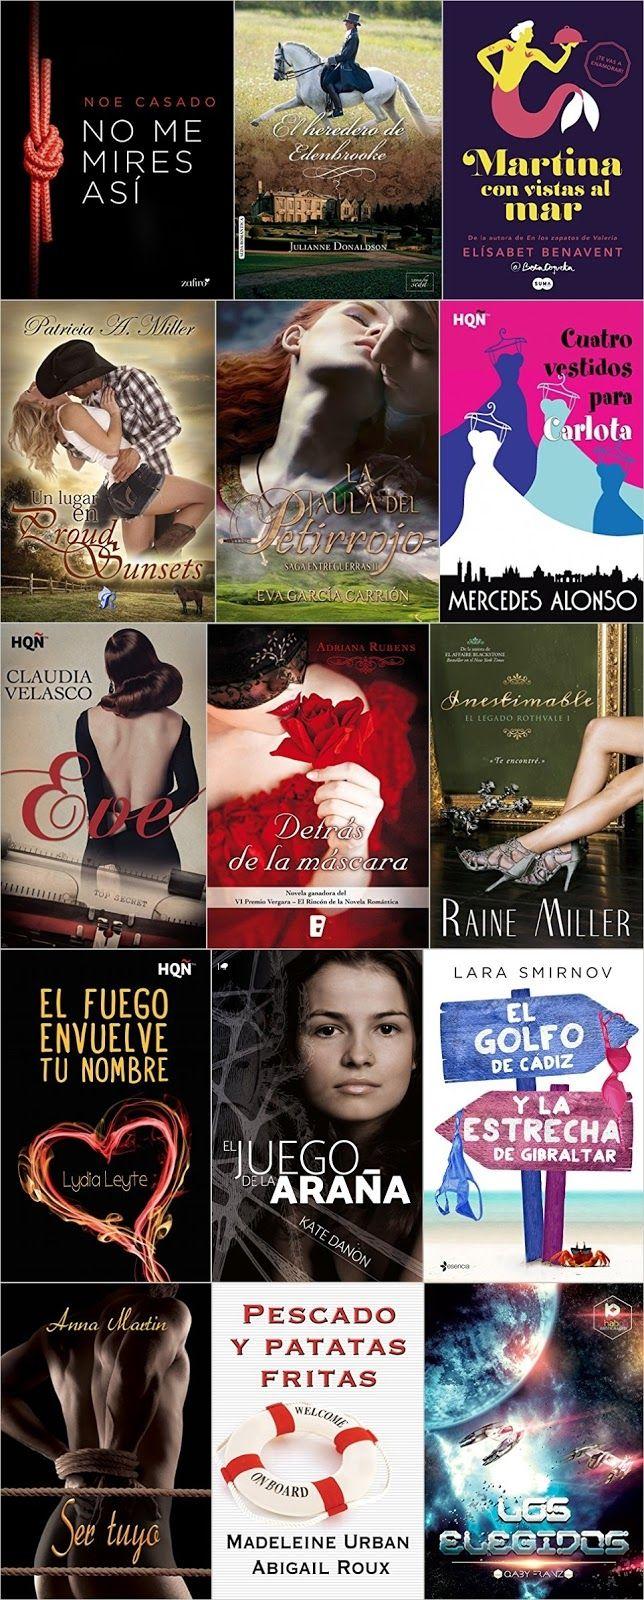 EL FUEGO ENVUELVE TU NOMBRE  en Pasión por la novela romántica: Novedades enero 2016 en ebook parte I